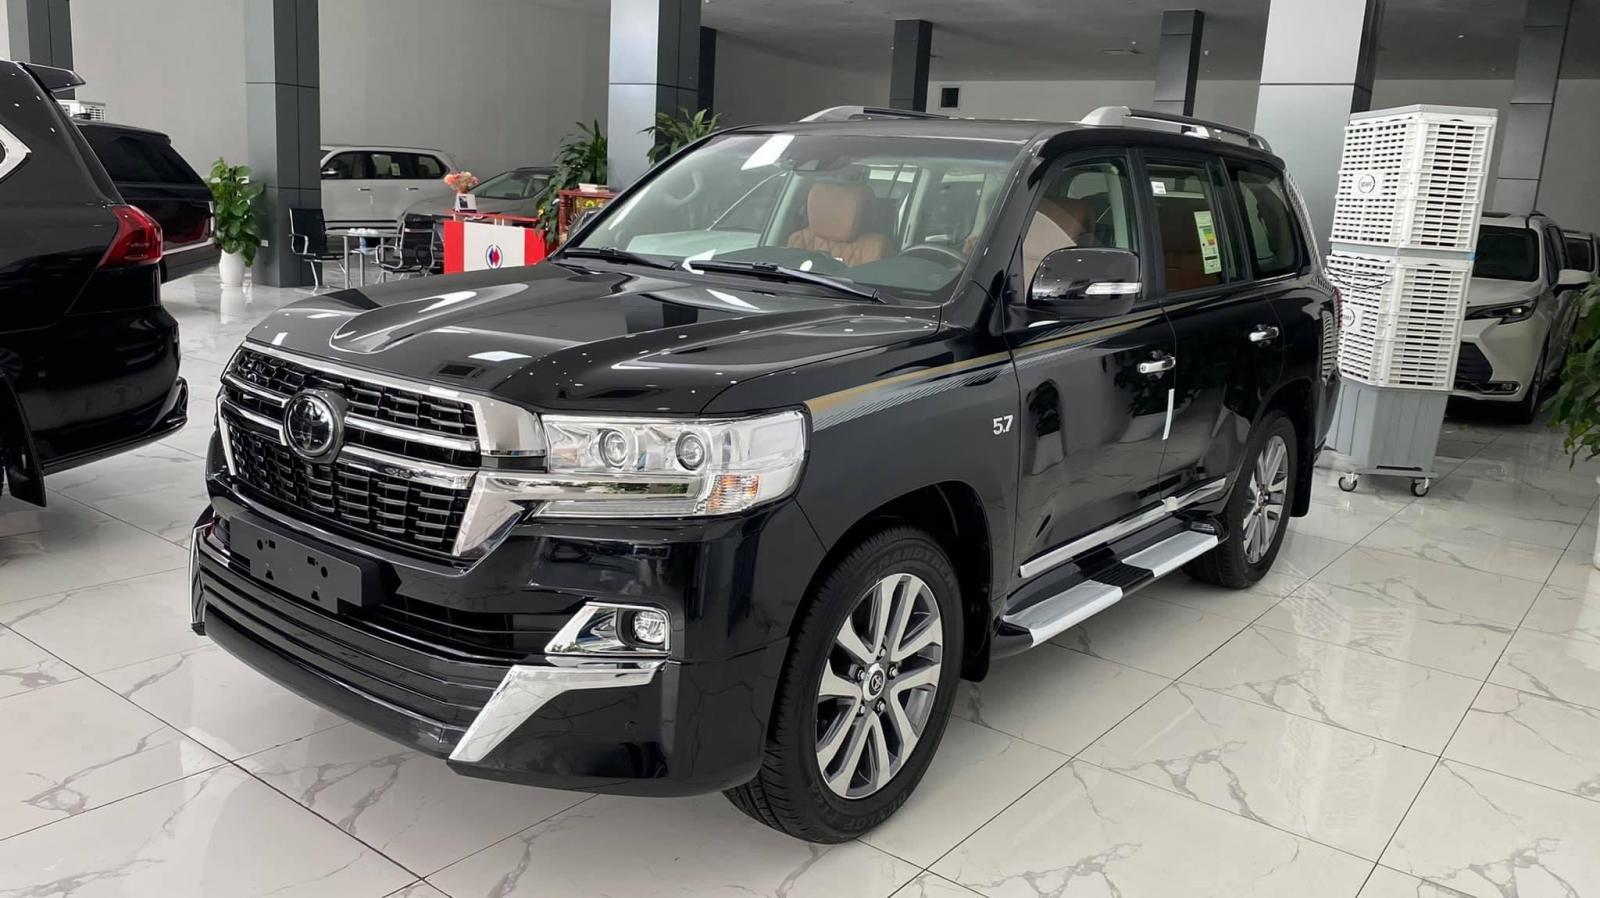 Cần bán xe Toyota Land Cruiser 5.7 VXS MBS đời 2021, màu đen, nhập khẩu chính hãng